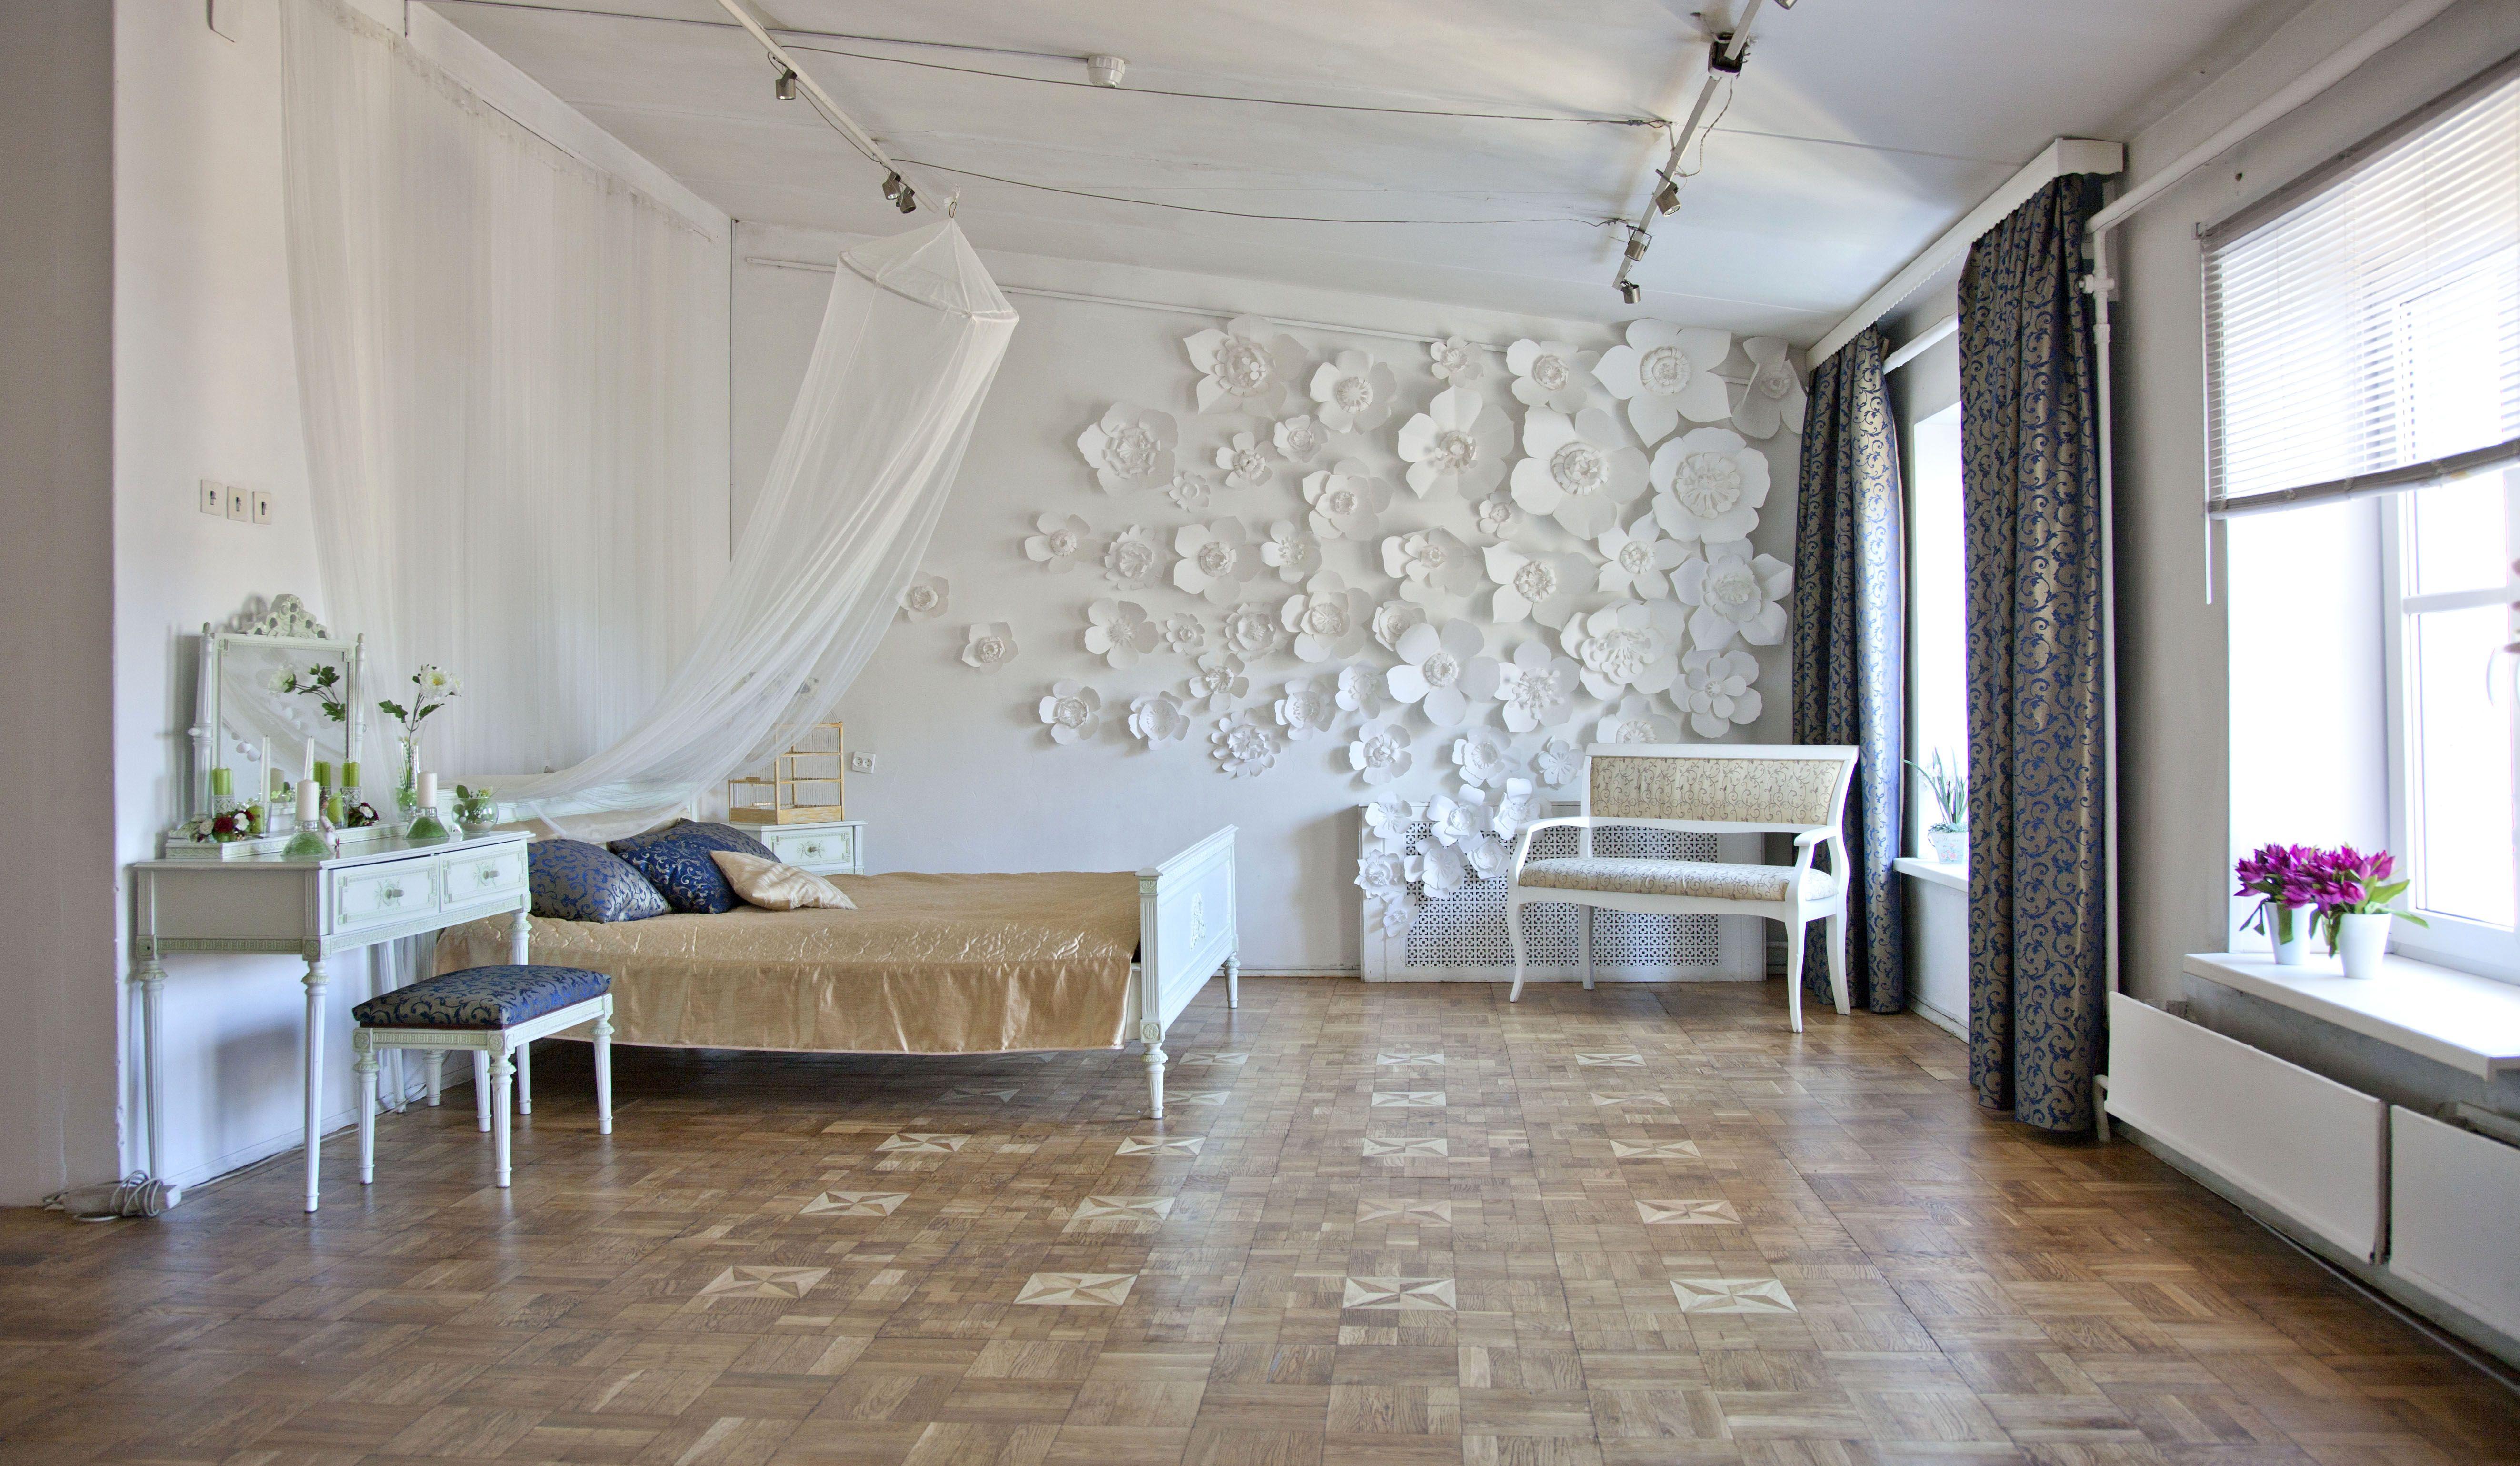 знаменитости говорят аренда фотостудии на сутки спб белая кровать